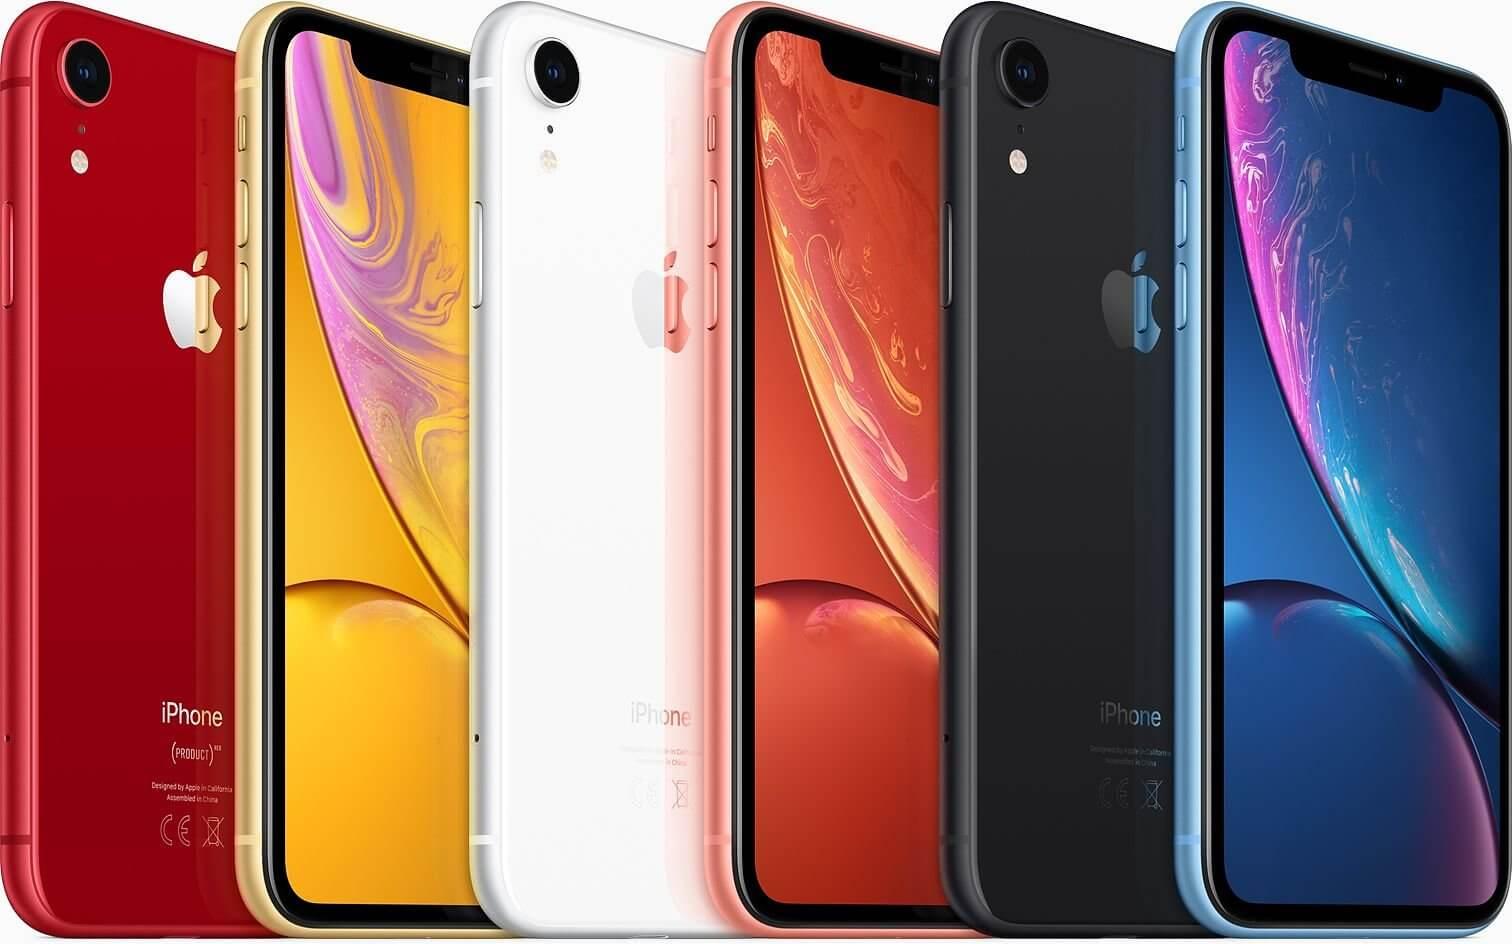 iPhone XR-Nachfolger mit zwei neuen Farben: Welche hättet ihr gern?